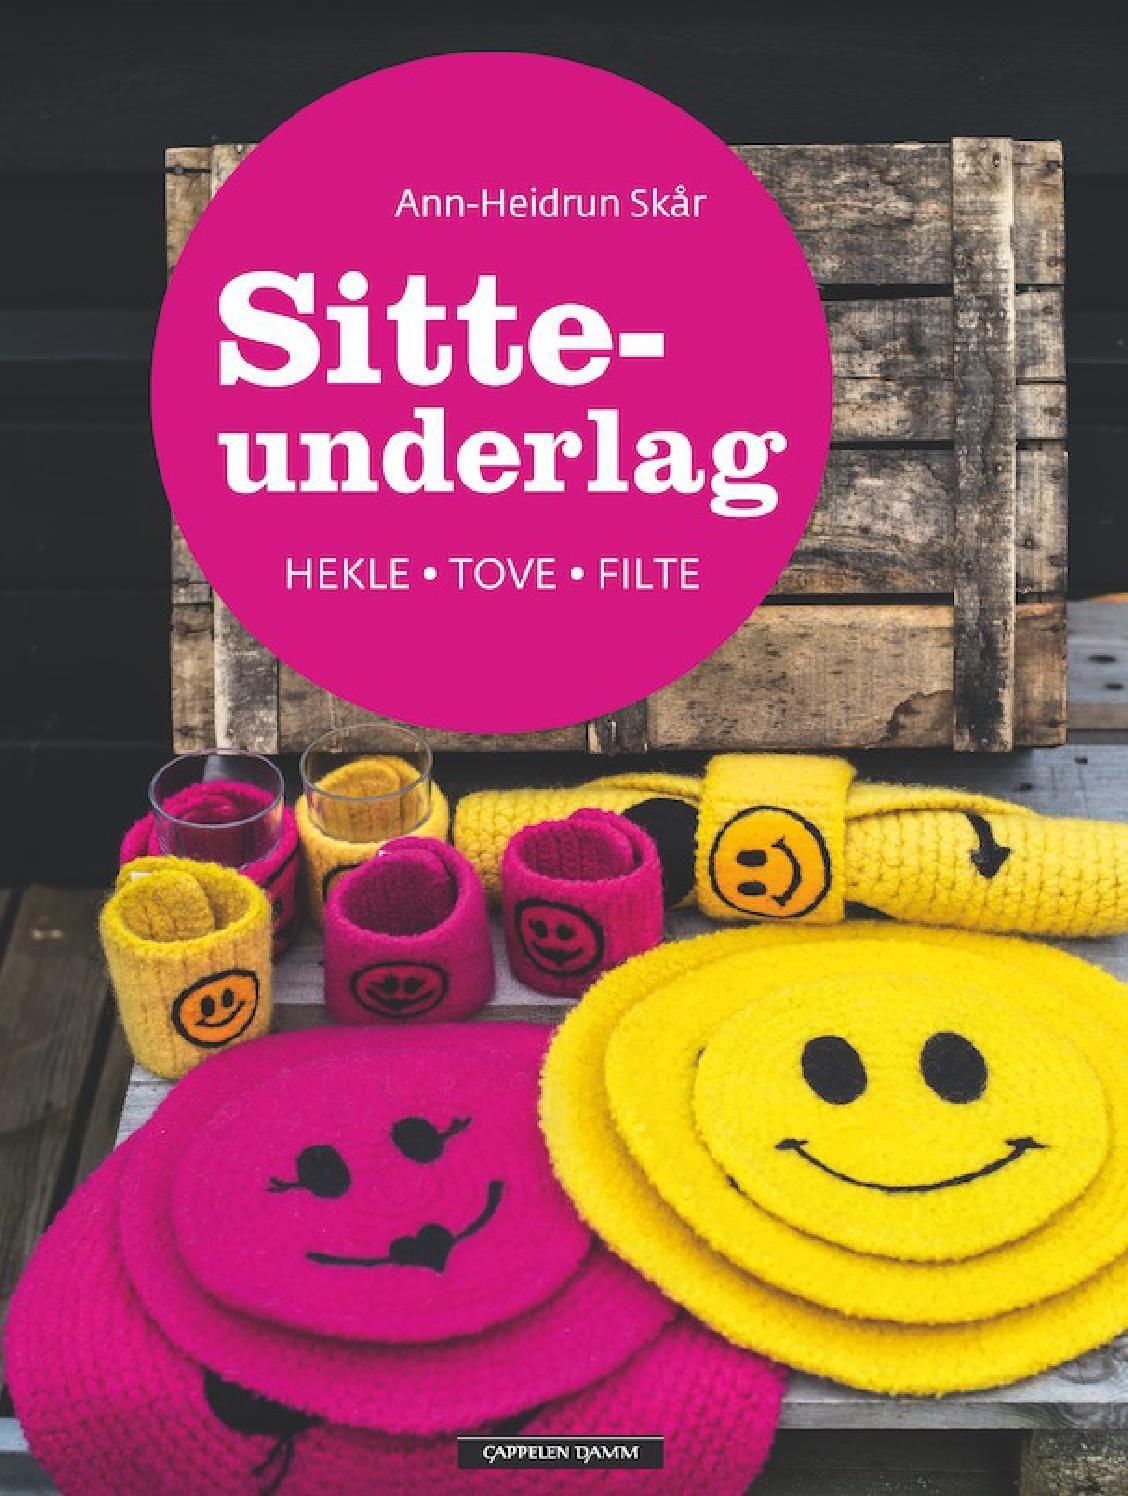 Photo of Ann Heidrun Skår Sitteunderlag